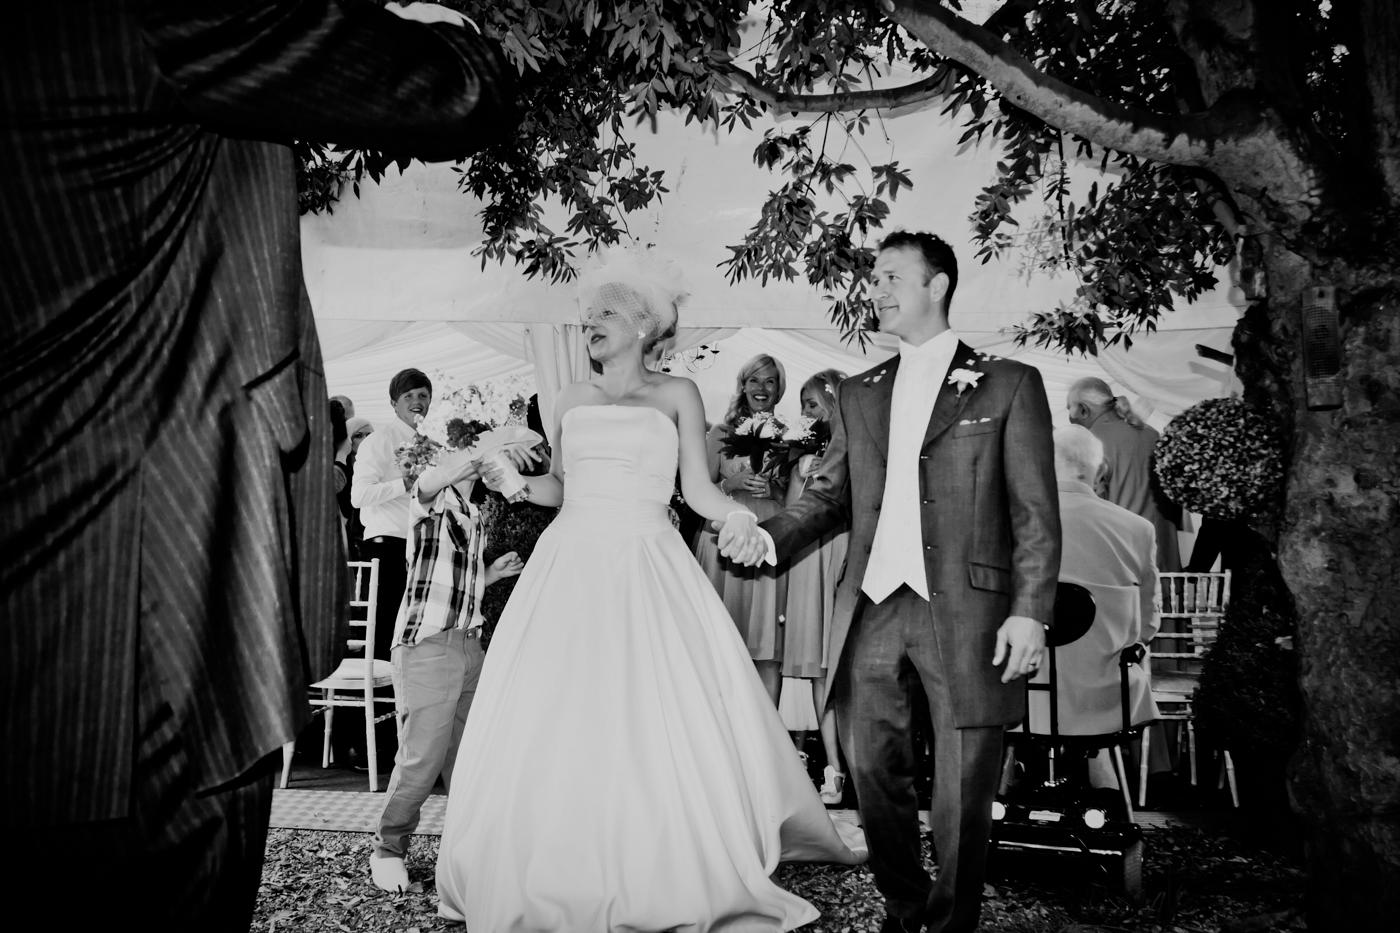 149 Keedy and Carl at The Secret Garden in Retford  - Wedding Photography by Mark Pugh www.markpugh.com_.jpg